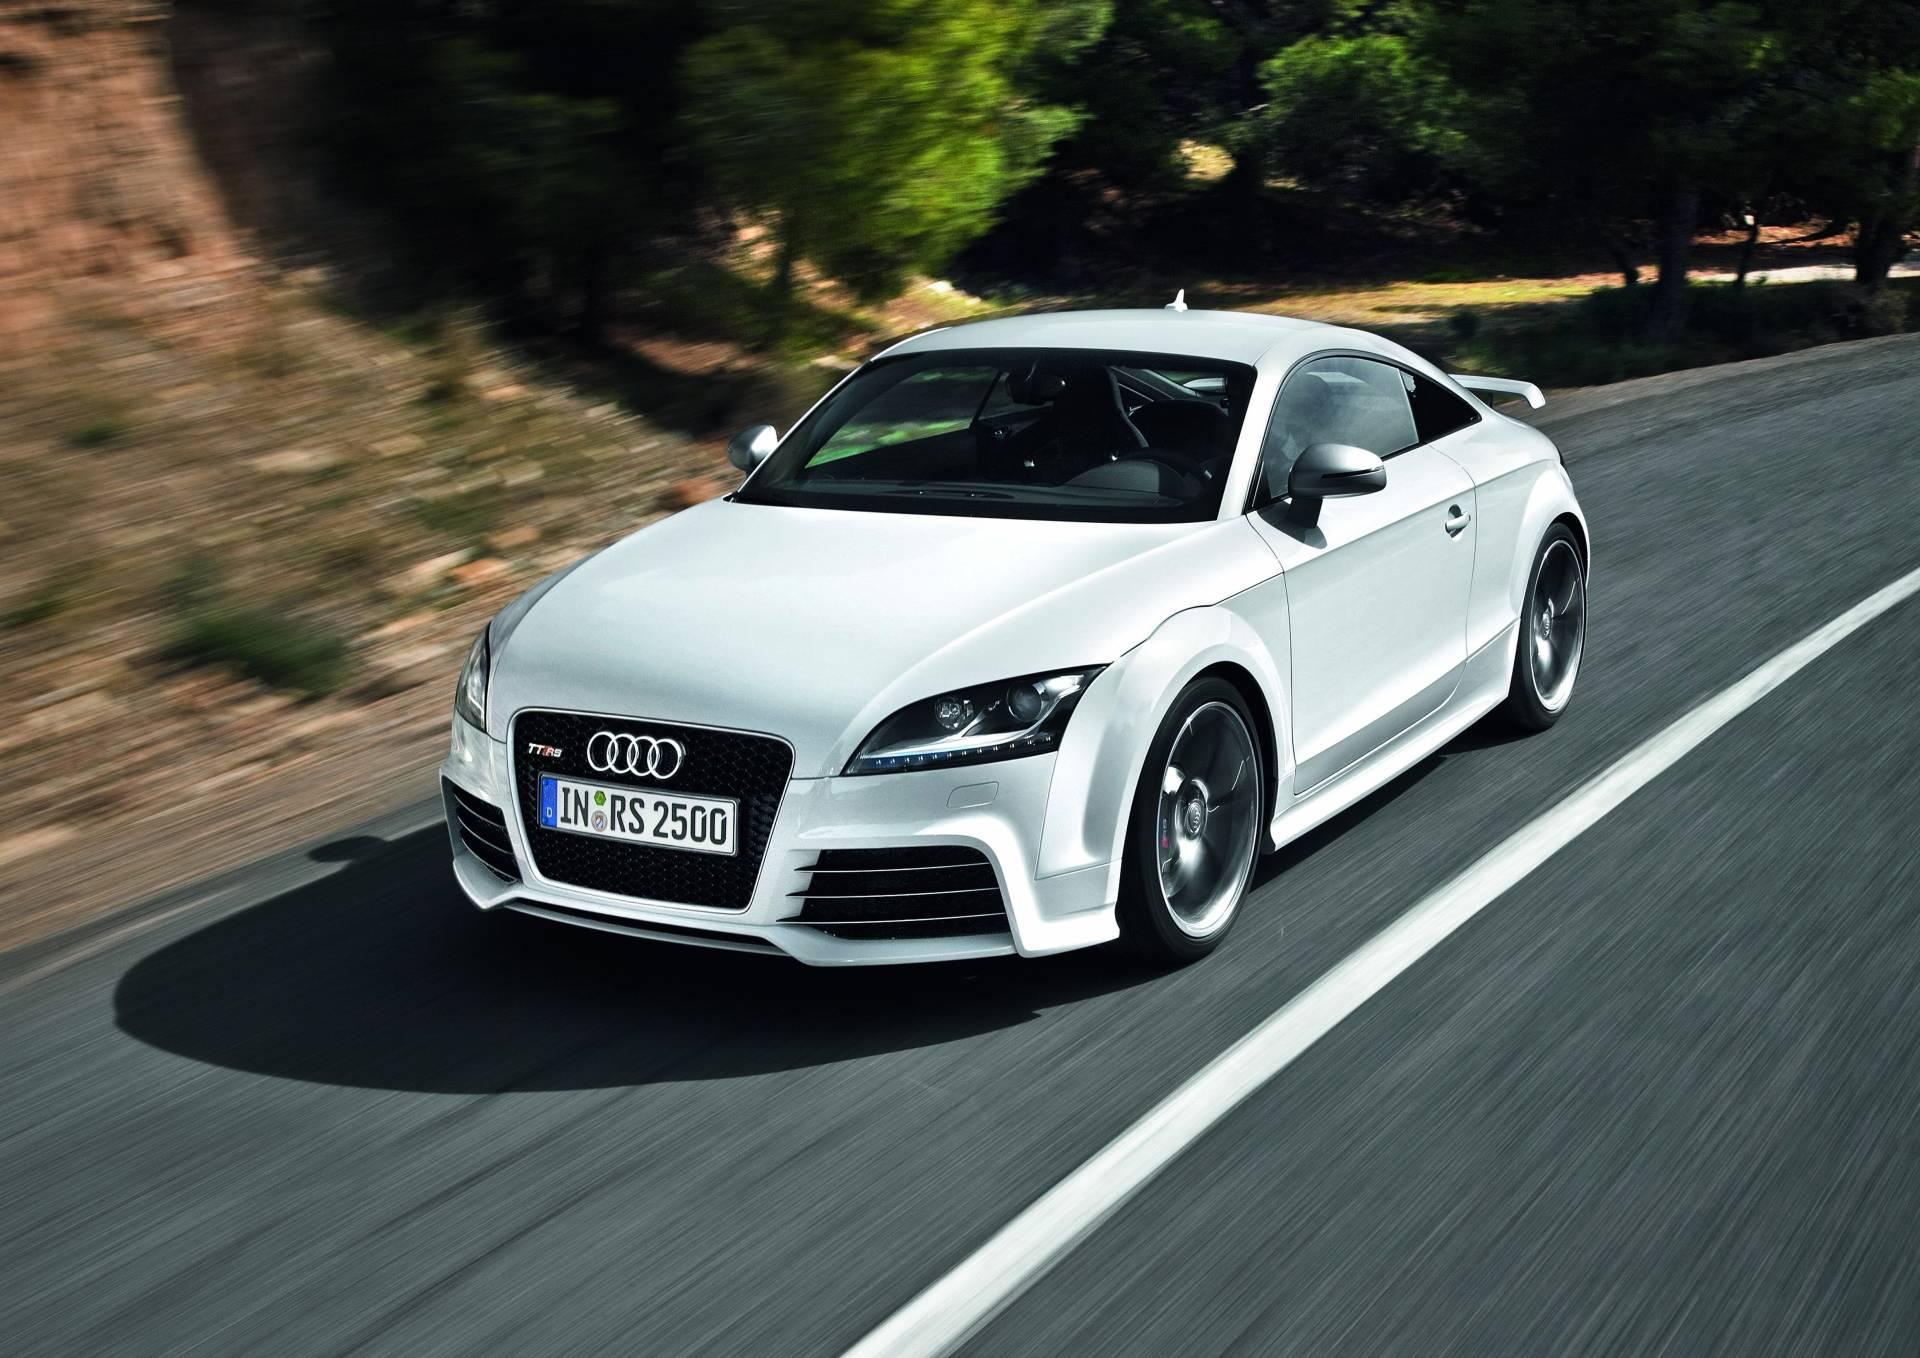 2012 Audi Tt Rs Image Https Www Conceptcarz Com Images